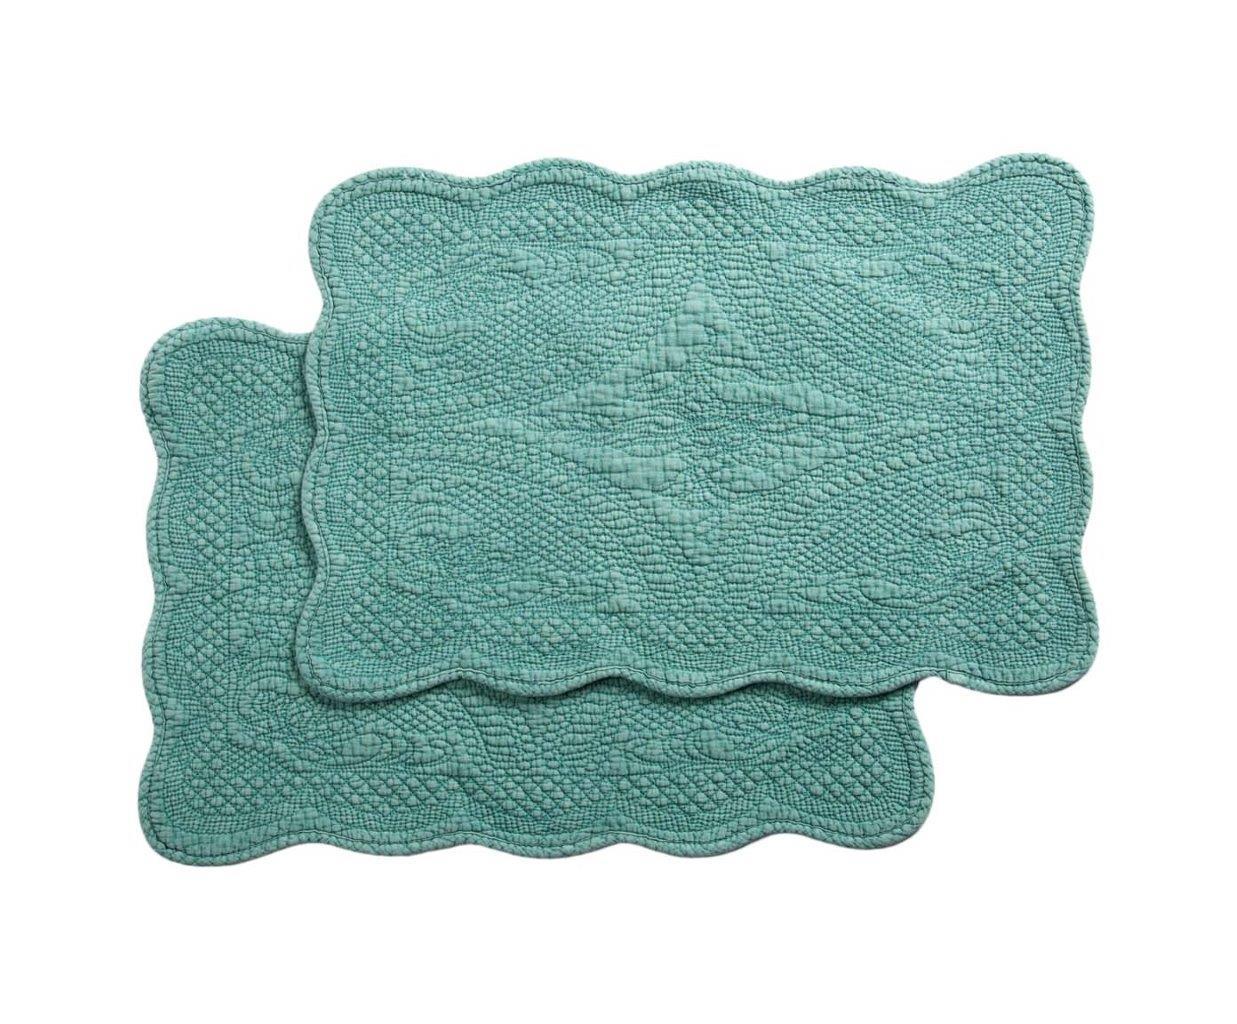 Купить Салфетки для сервировки Ocean Breeze в интернет магазине дизайнерской мебели и аксессуаров для дома и дачи